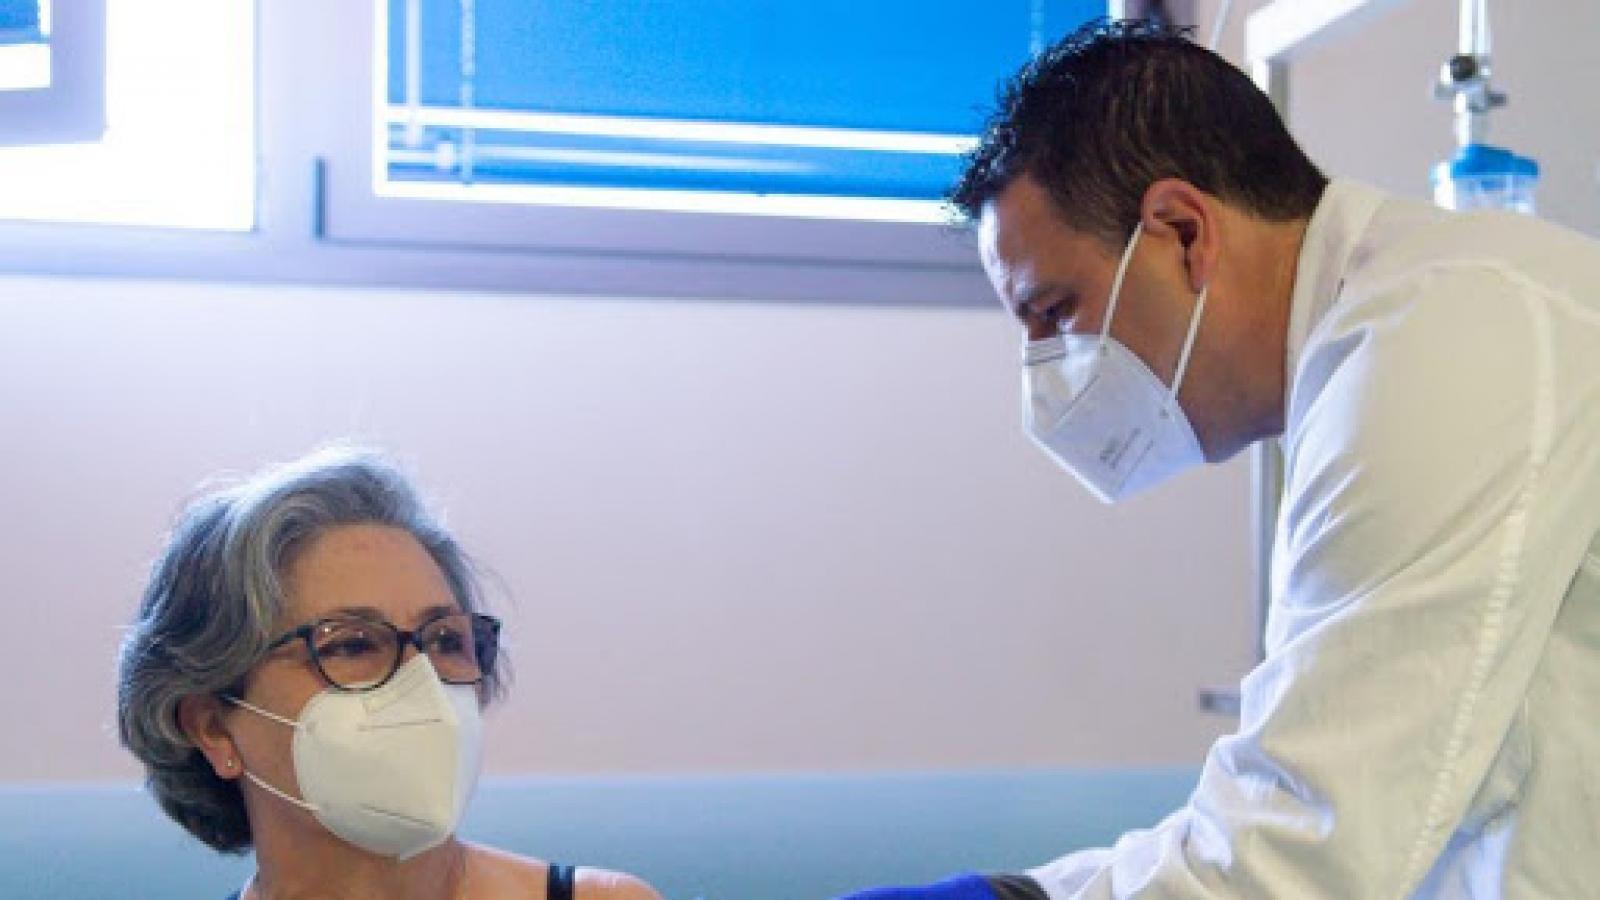 Tây Ban Nha bãi bỏ giới hạn độ tuổi tiêm vaccine COVID-19AstraZeneca